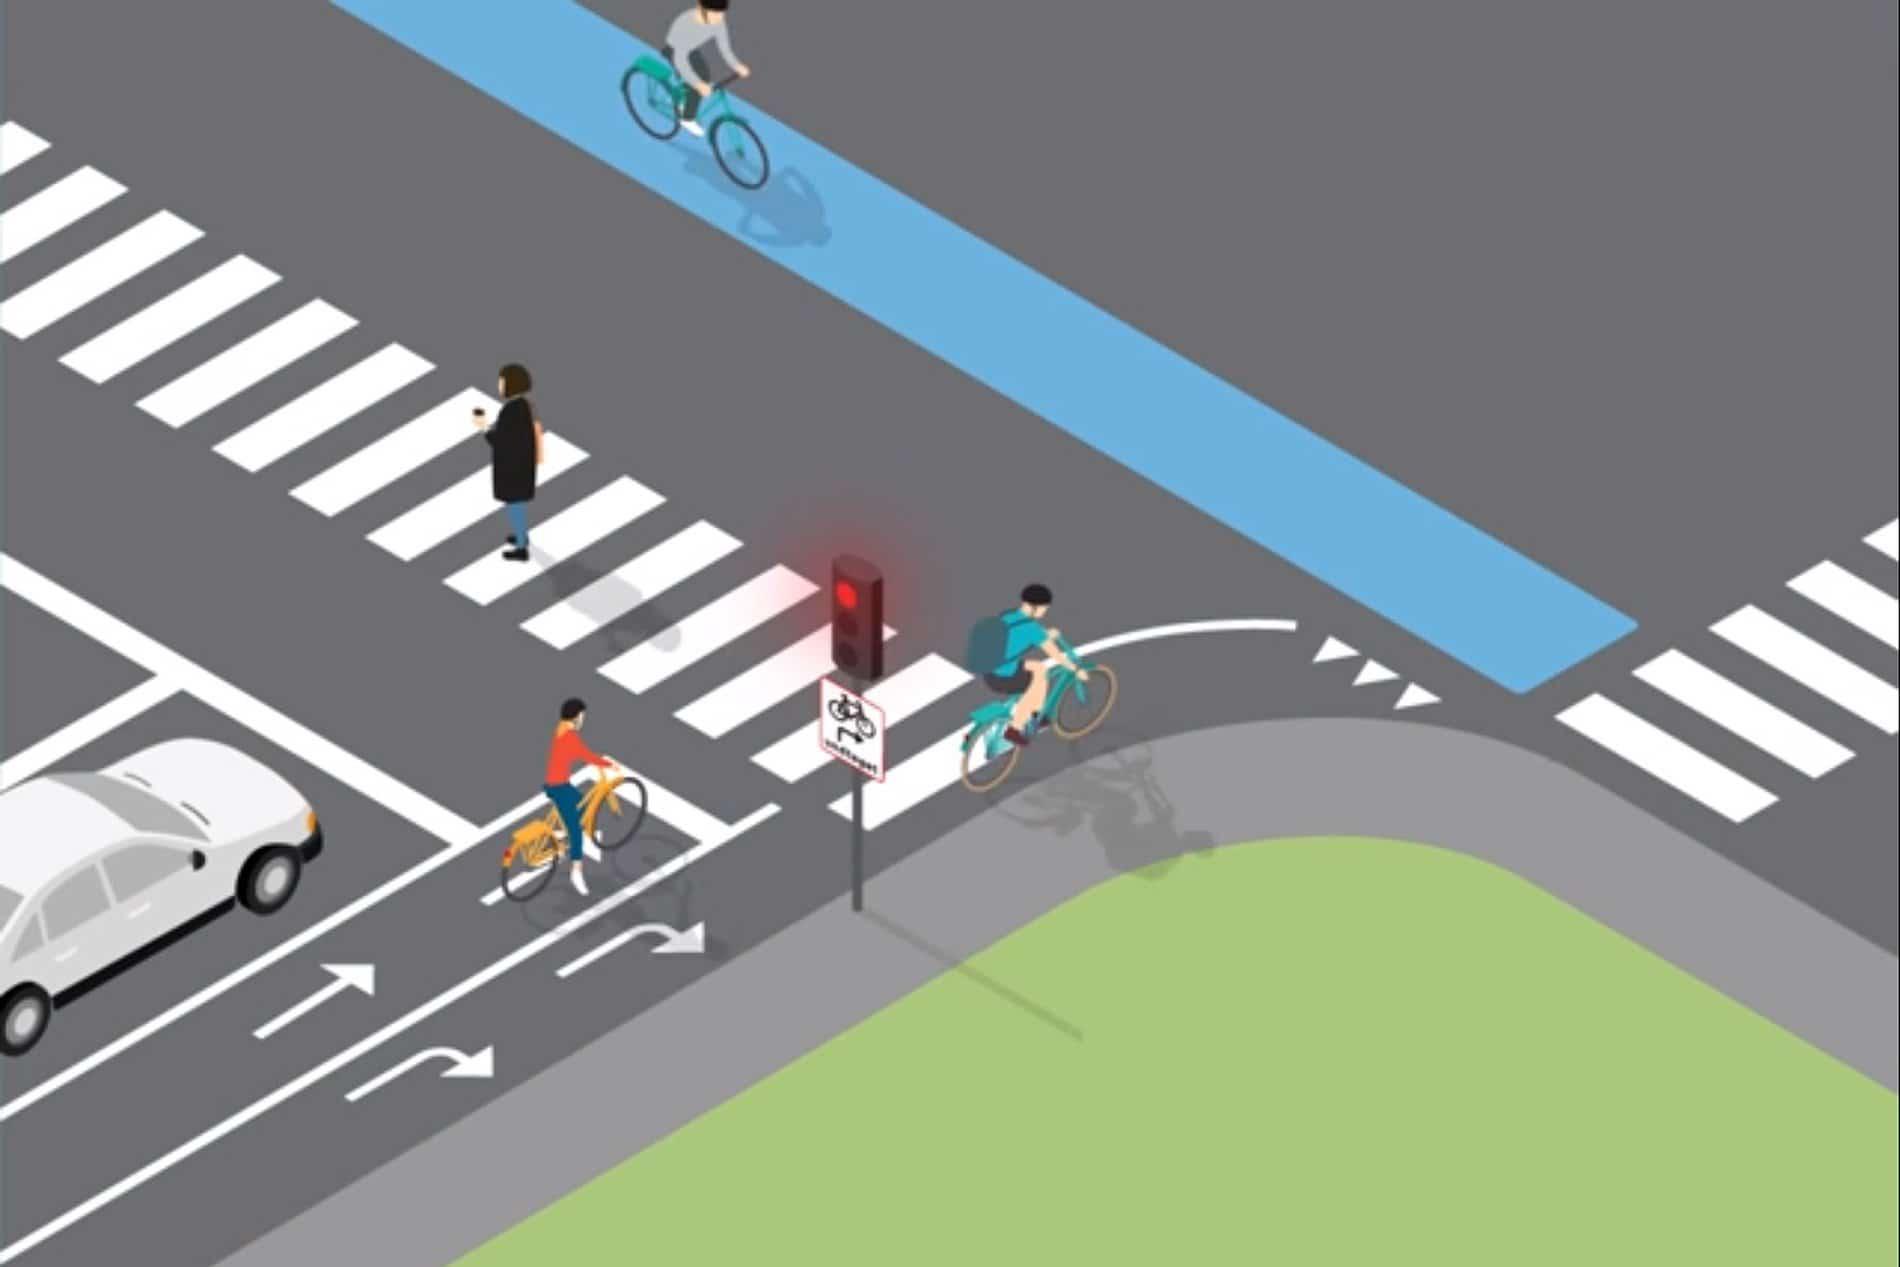 Dänemark erlaubt Radfahrern Rechtsabbiegen bei Rot